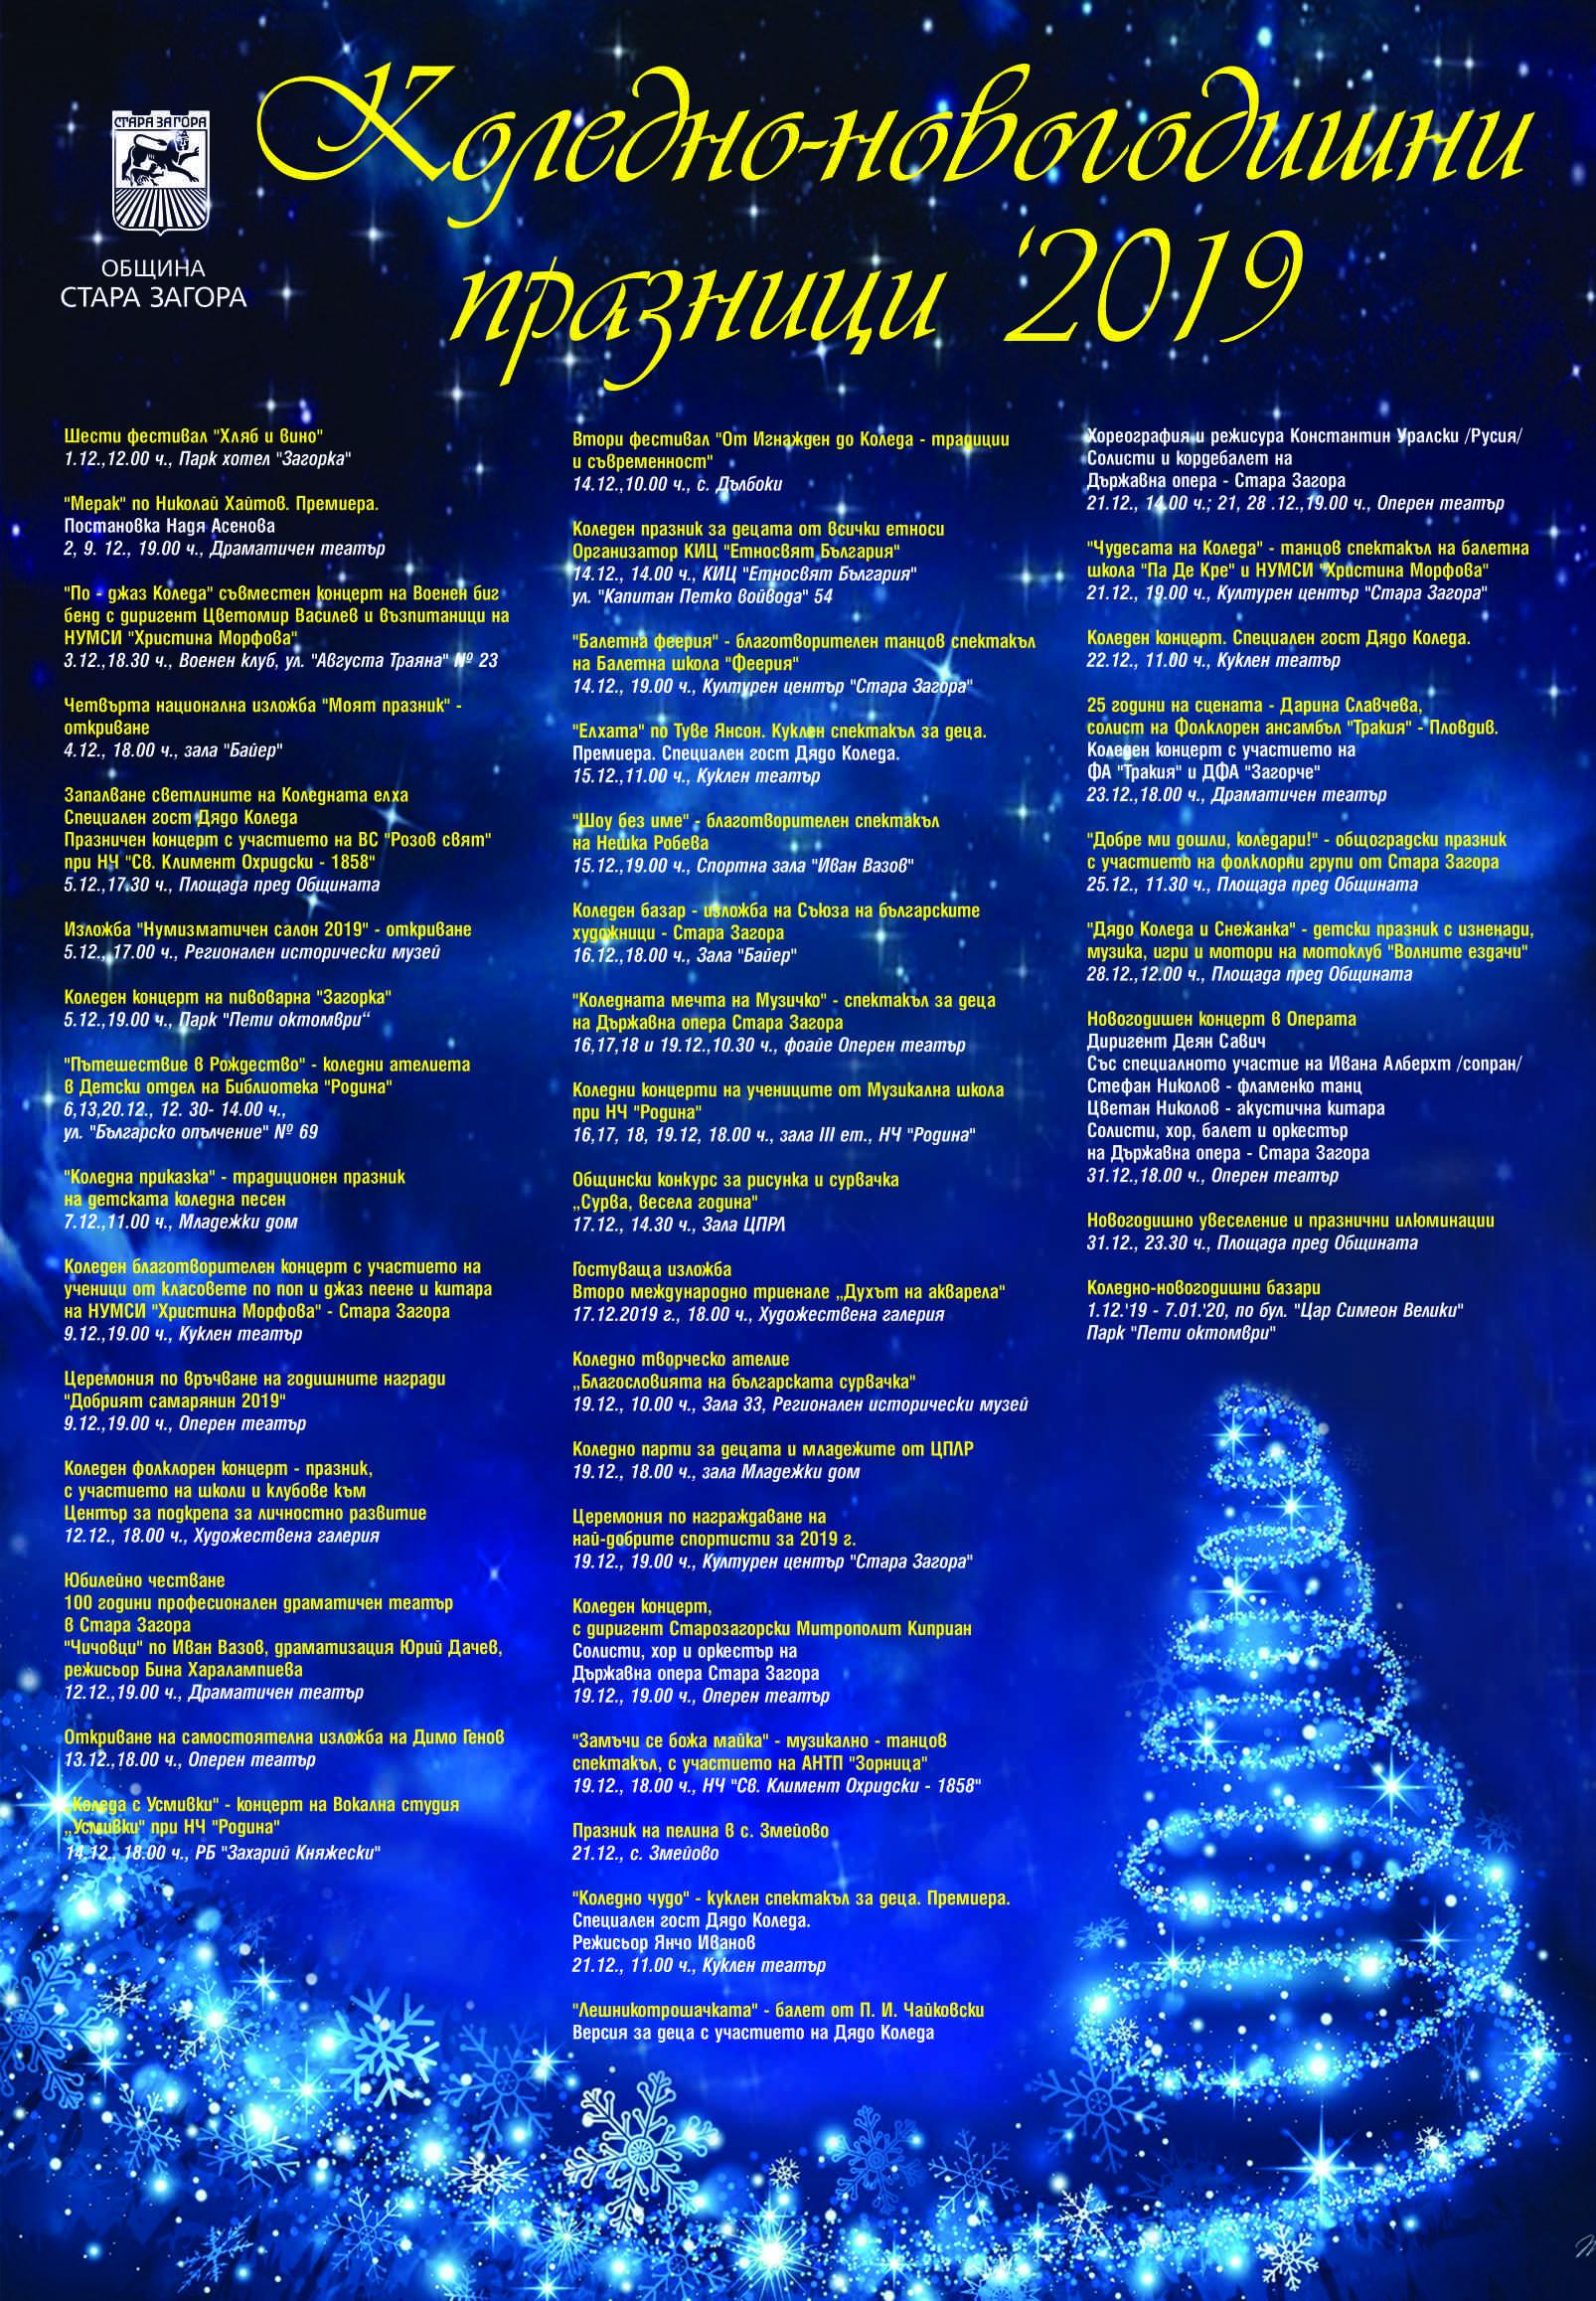 Коледно-новогодишни празници `2019